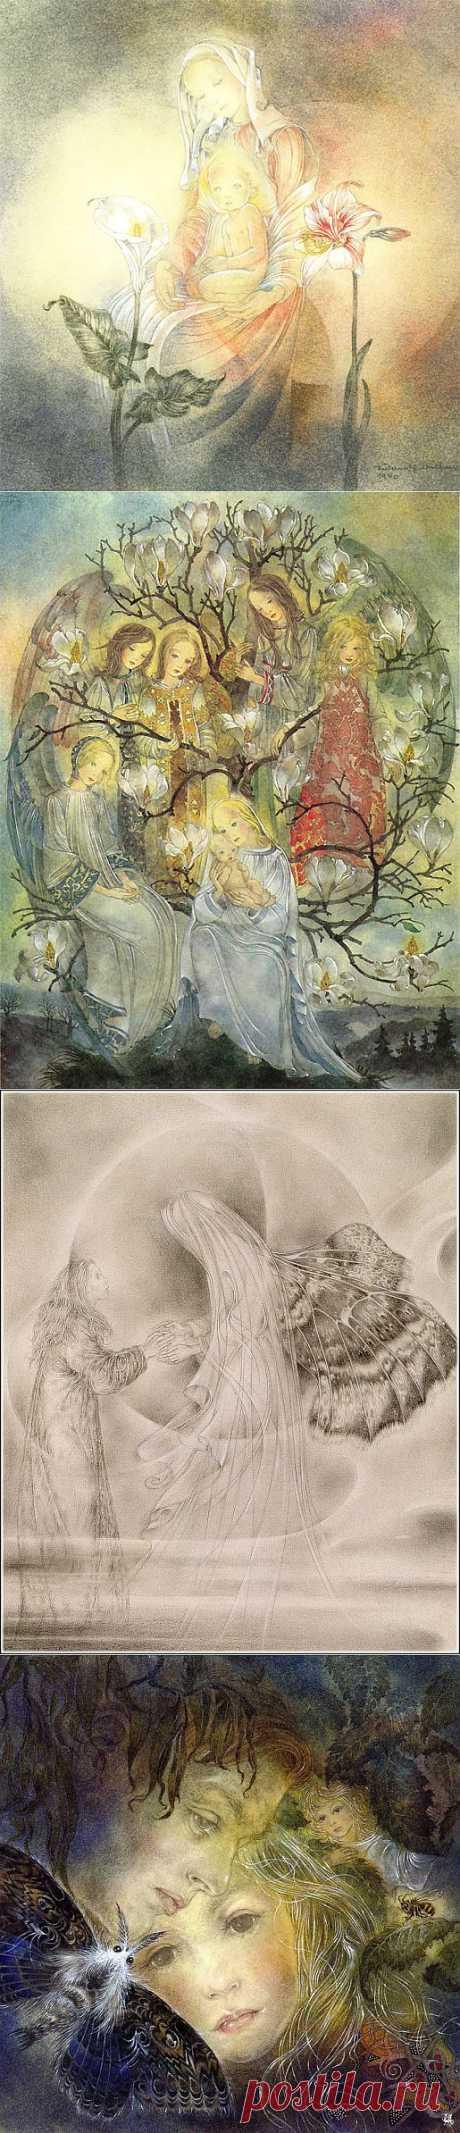 """""""Мои рисунки - это визуальное отображение моих глубочайших чувств - удовольствия, страха, печали, счастья, юмора."""" - Sulamith Wülfing (1901-1989) ."""